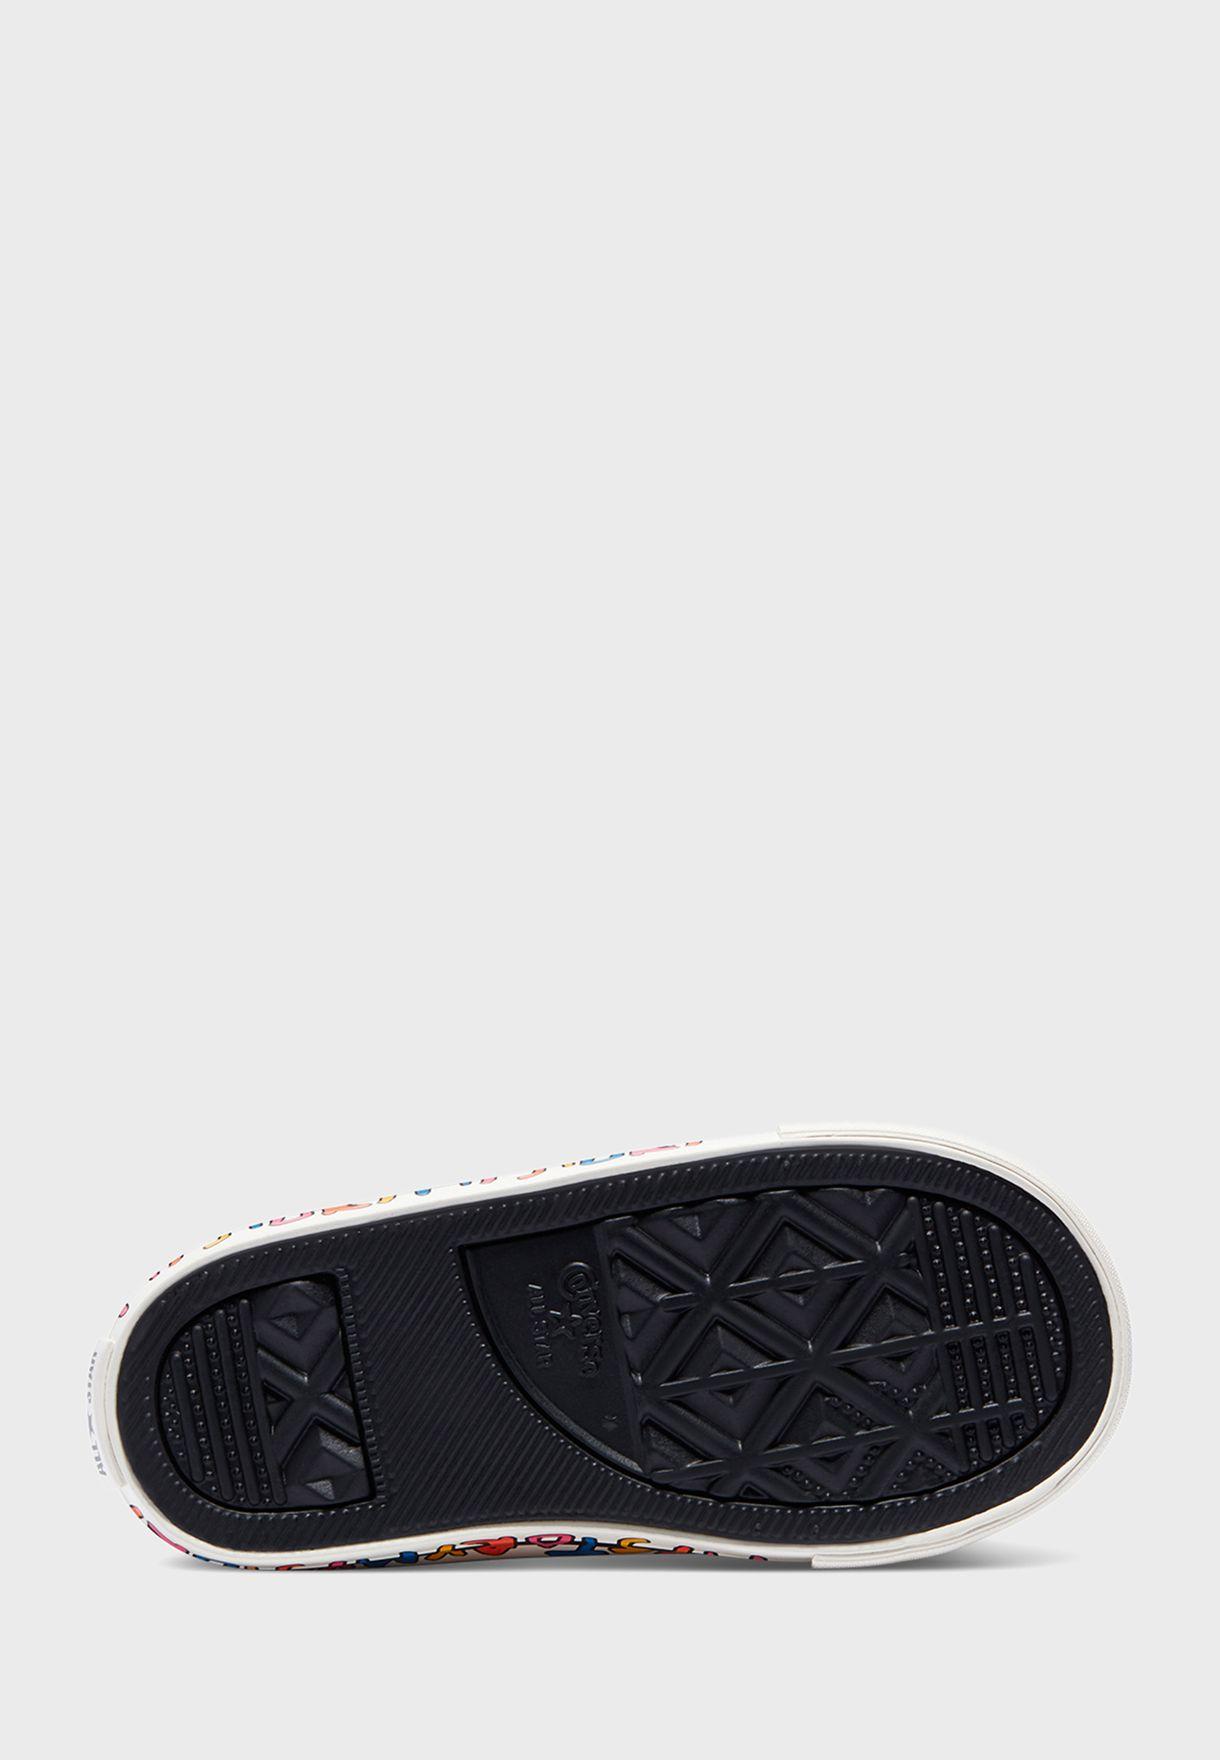 حذاء تشاك تيلور اول ستار 1V